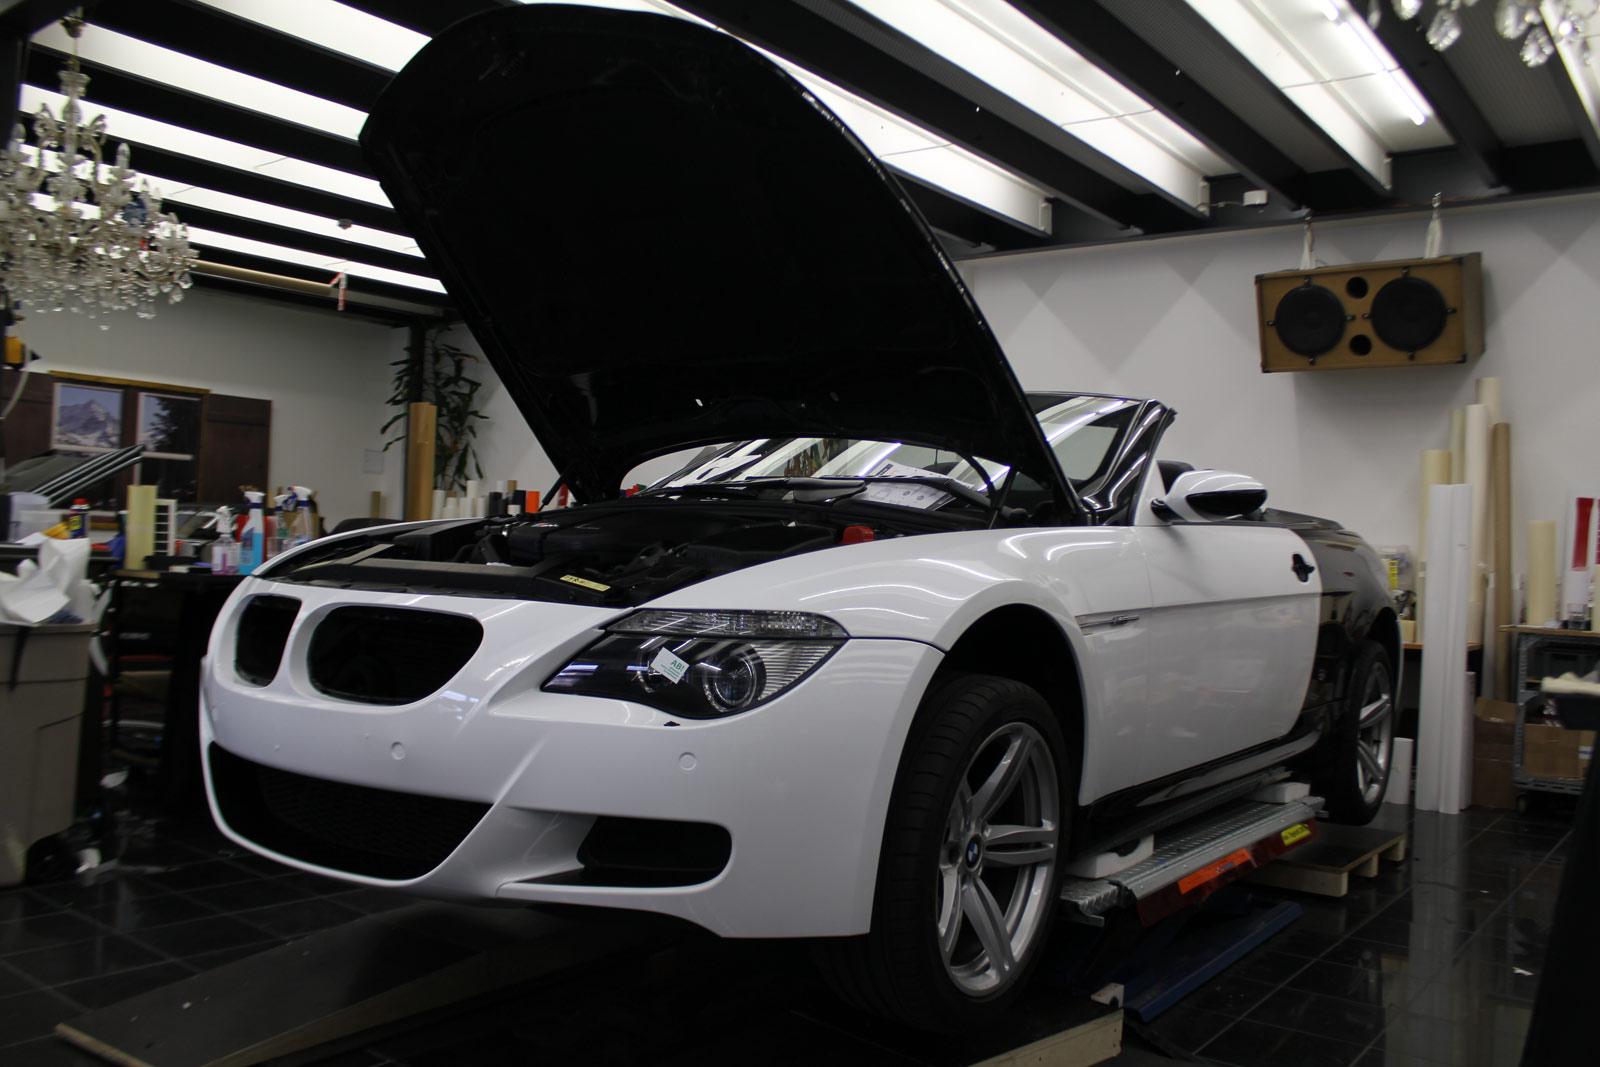 BMW_M6_Folierung_Warm_Weiss_08